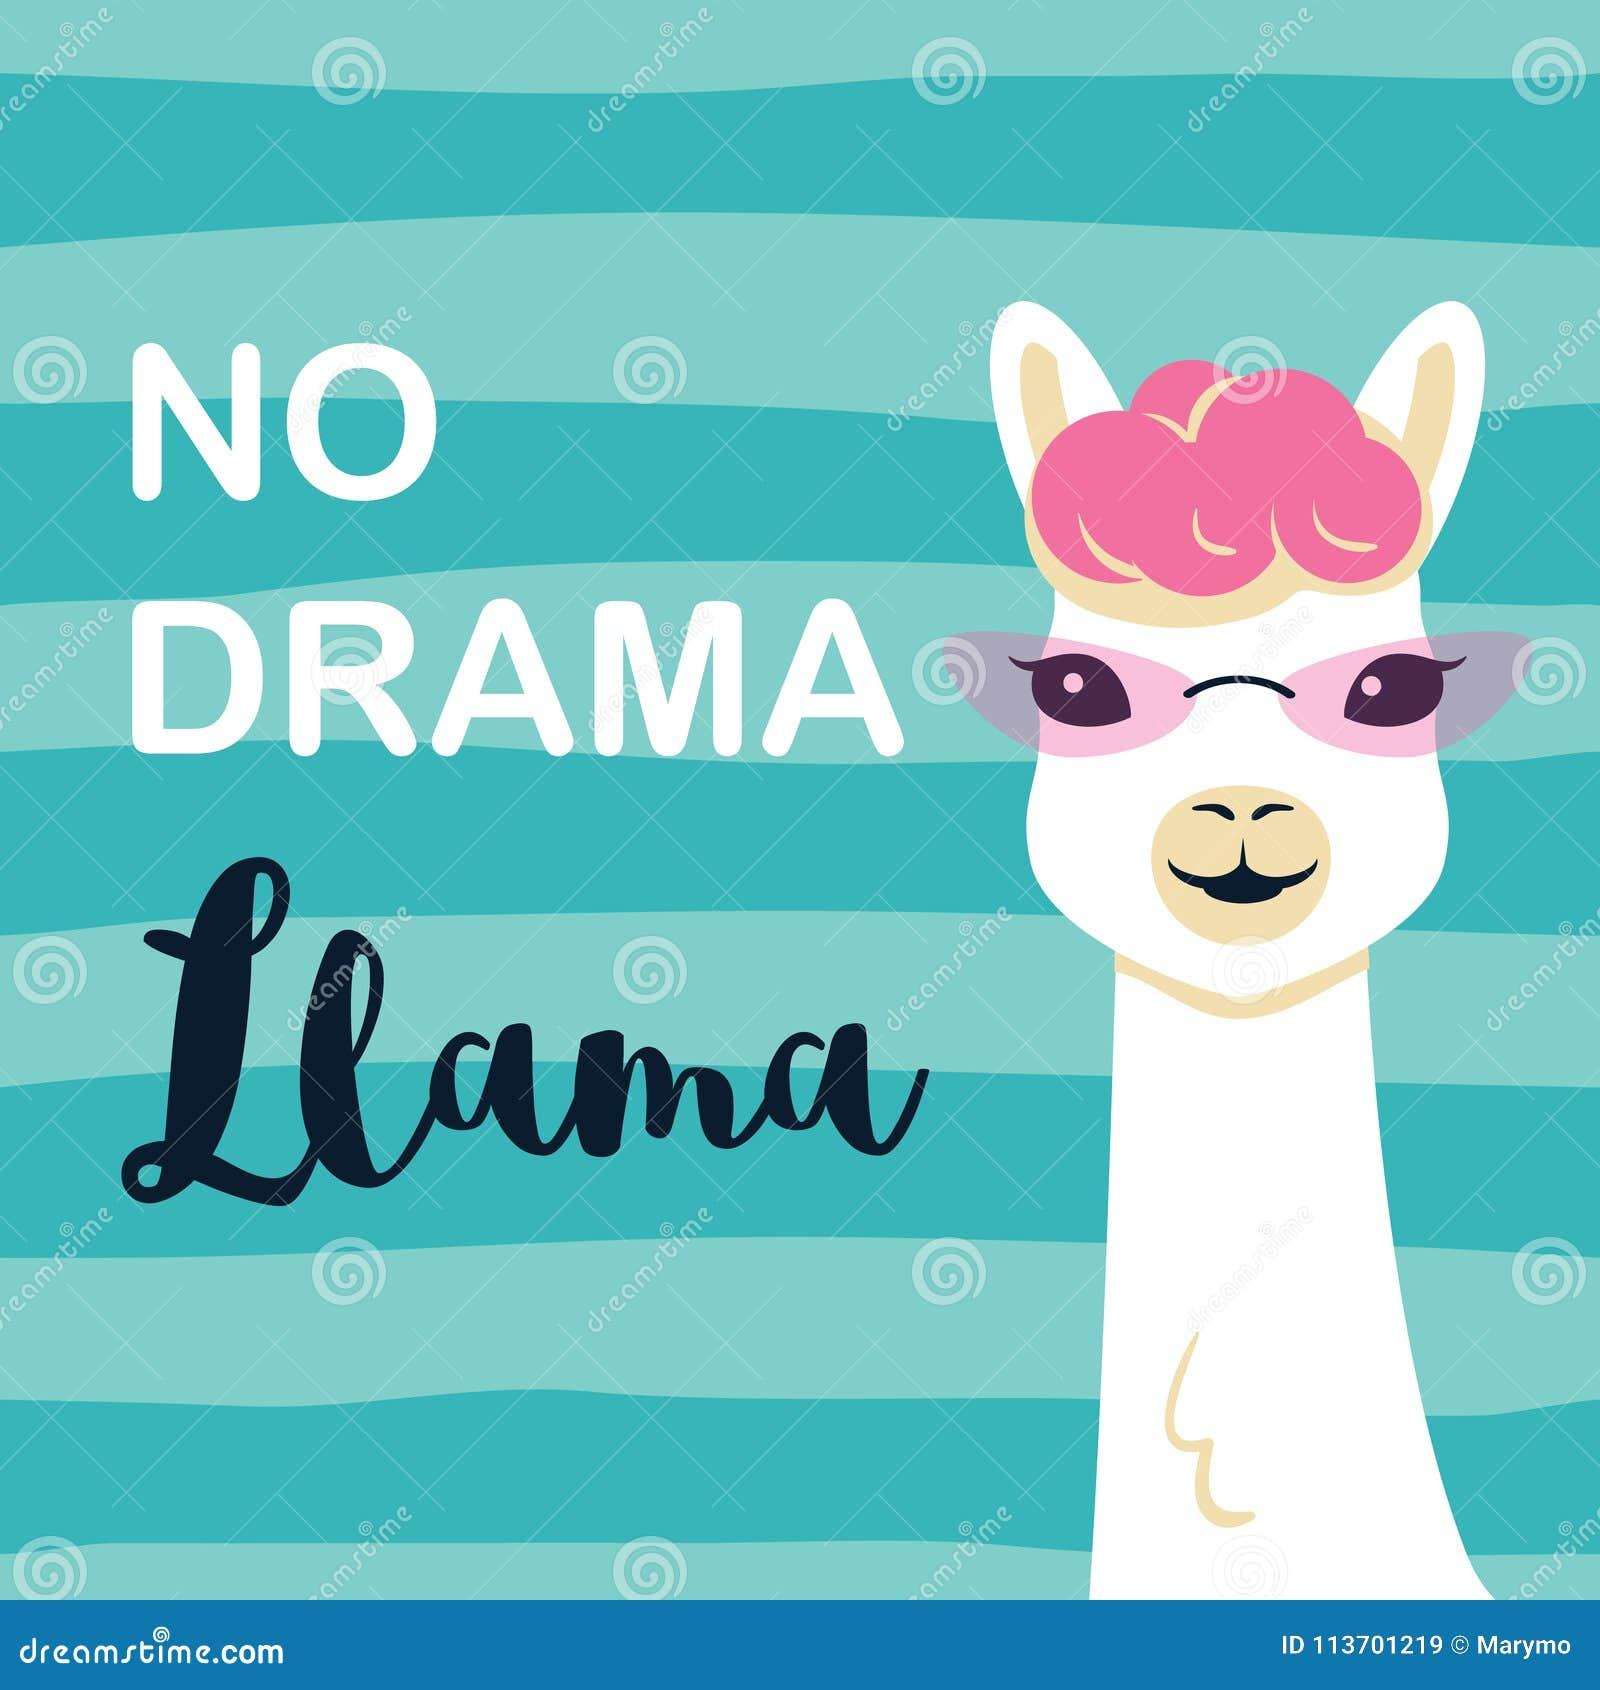 Χαριτωμένος llama κινούμενων σχεδίων χαρακτήρας χωρίς llama δράματος το κινητήριο απόσπασμα